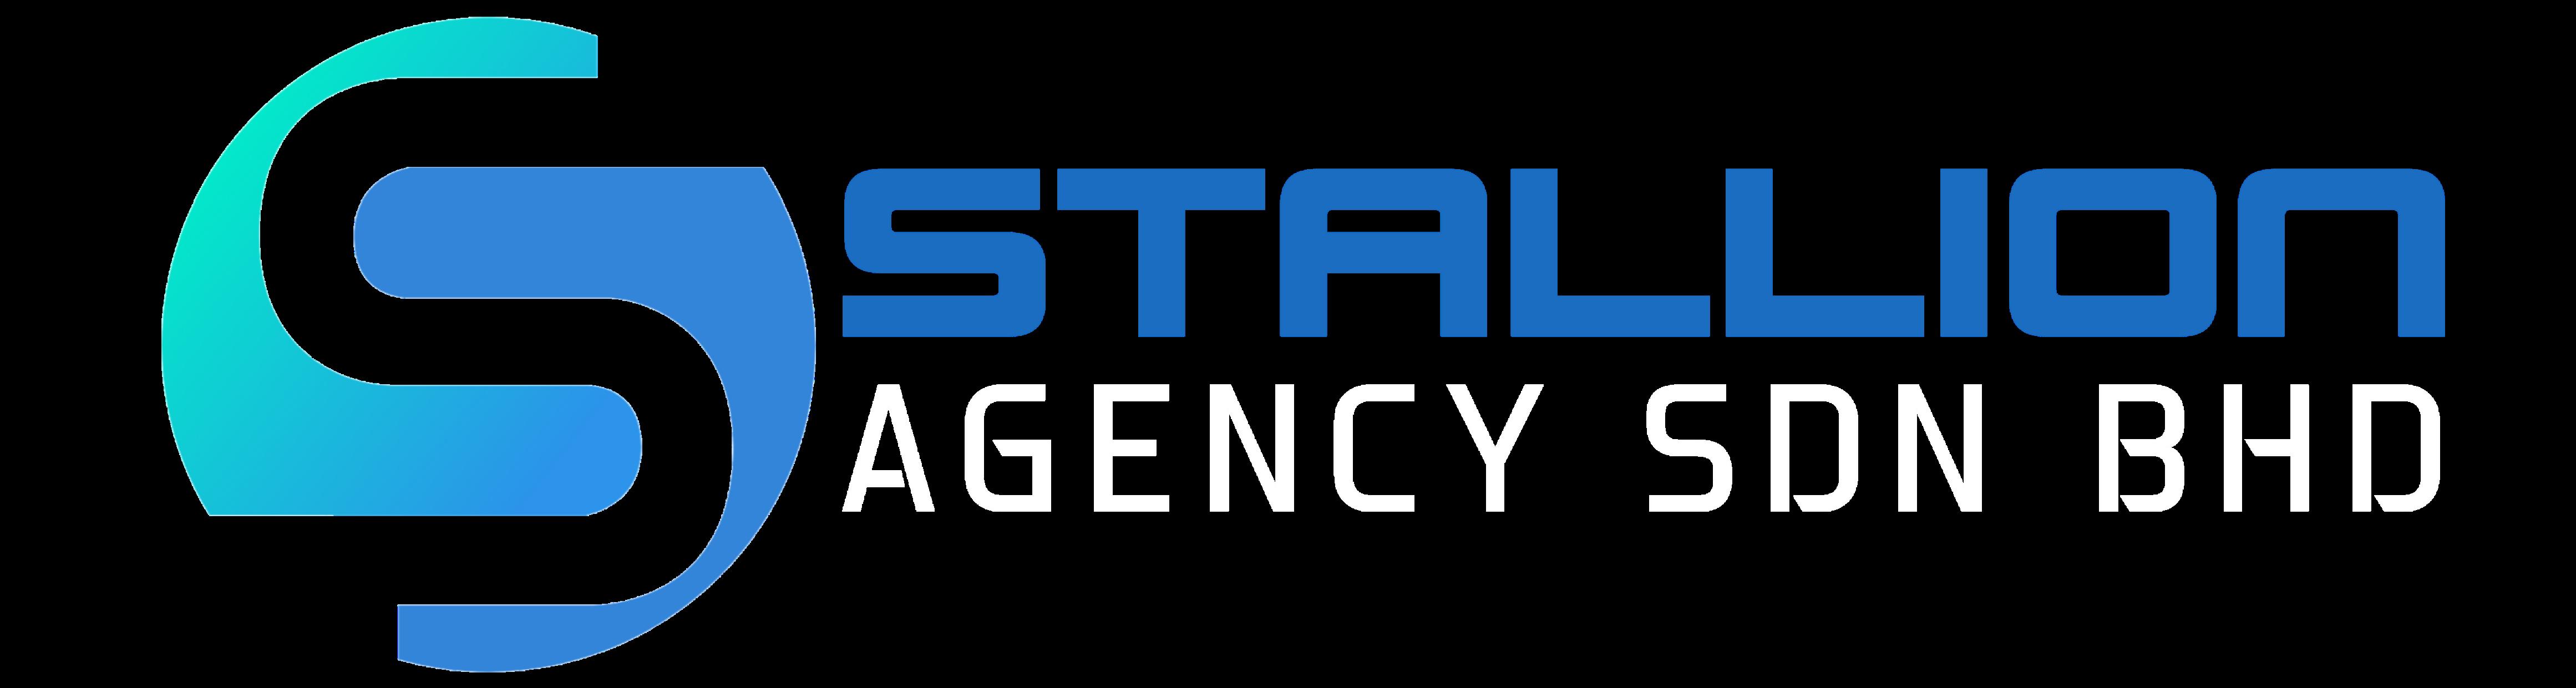 STALLION Agency Sdn Bhd